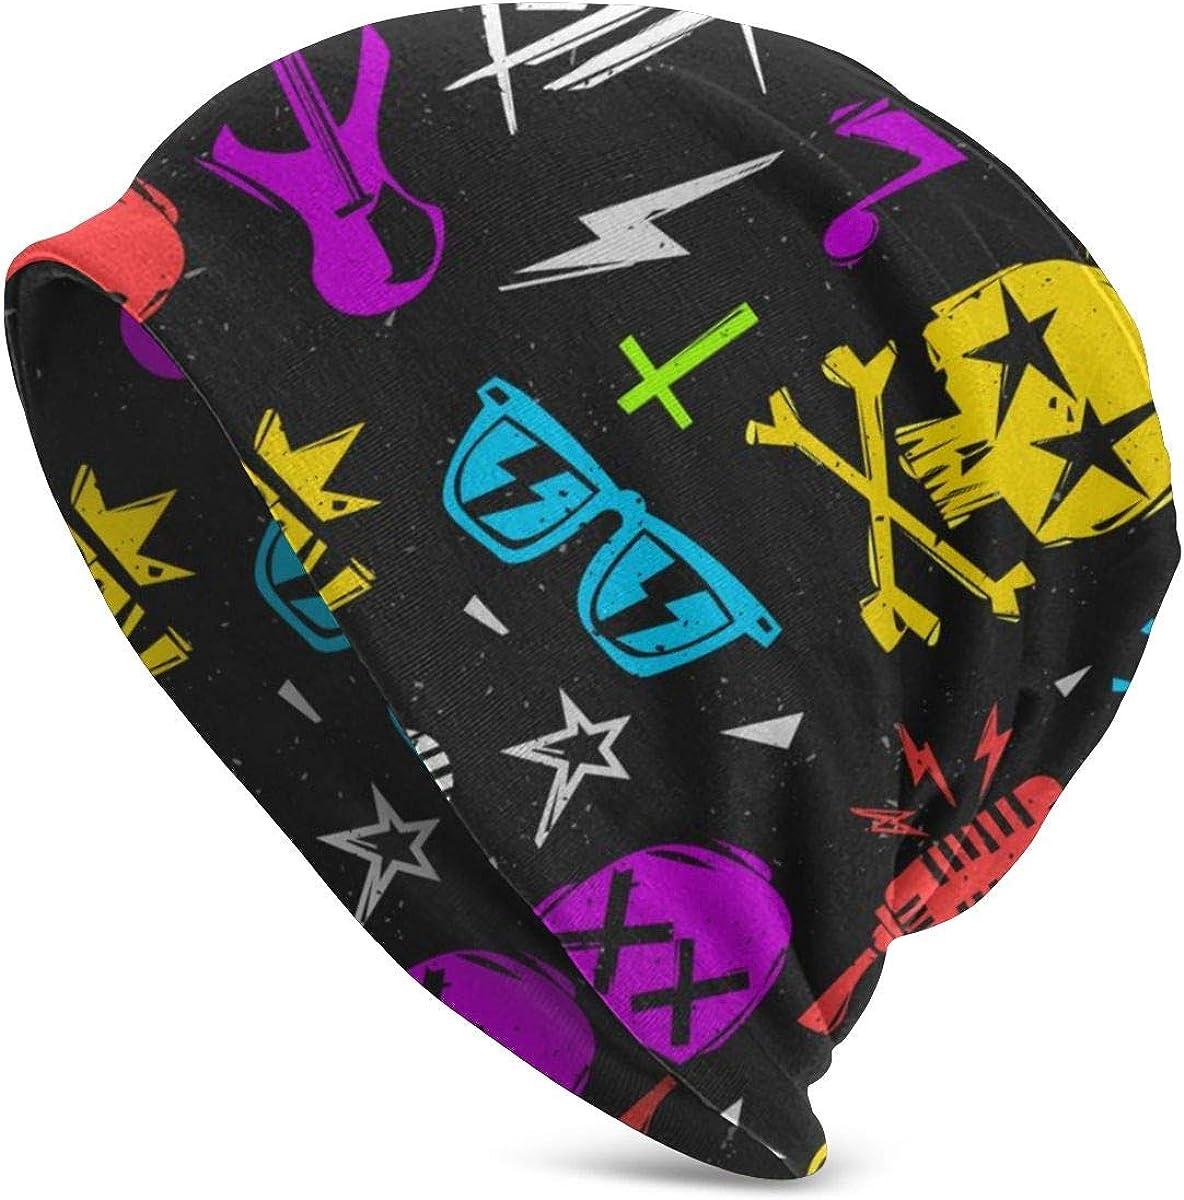 Lucaeat Rock'n'Roll Elements Pattern Beanie Hat for Men and Women Winter Warm Hats Black